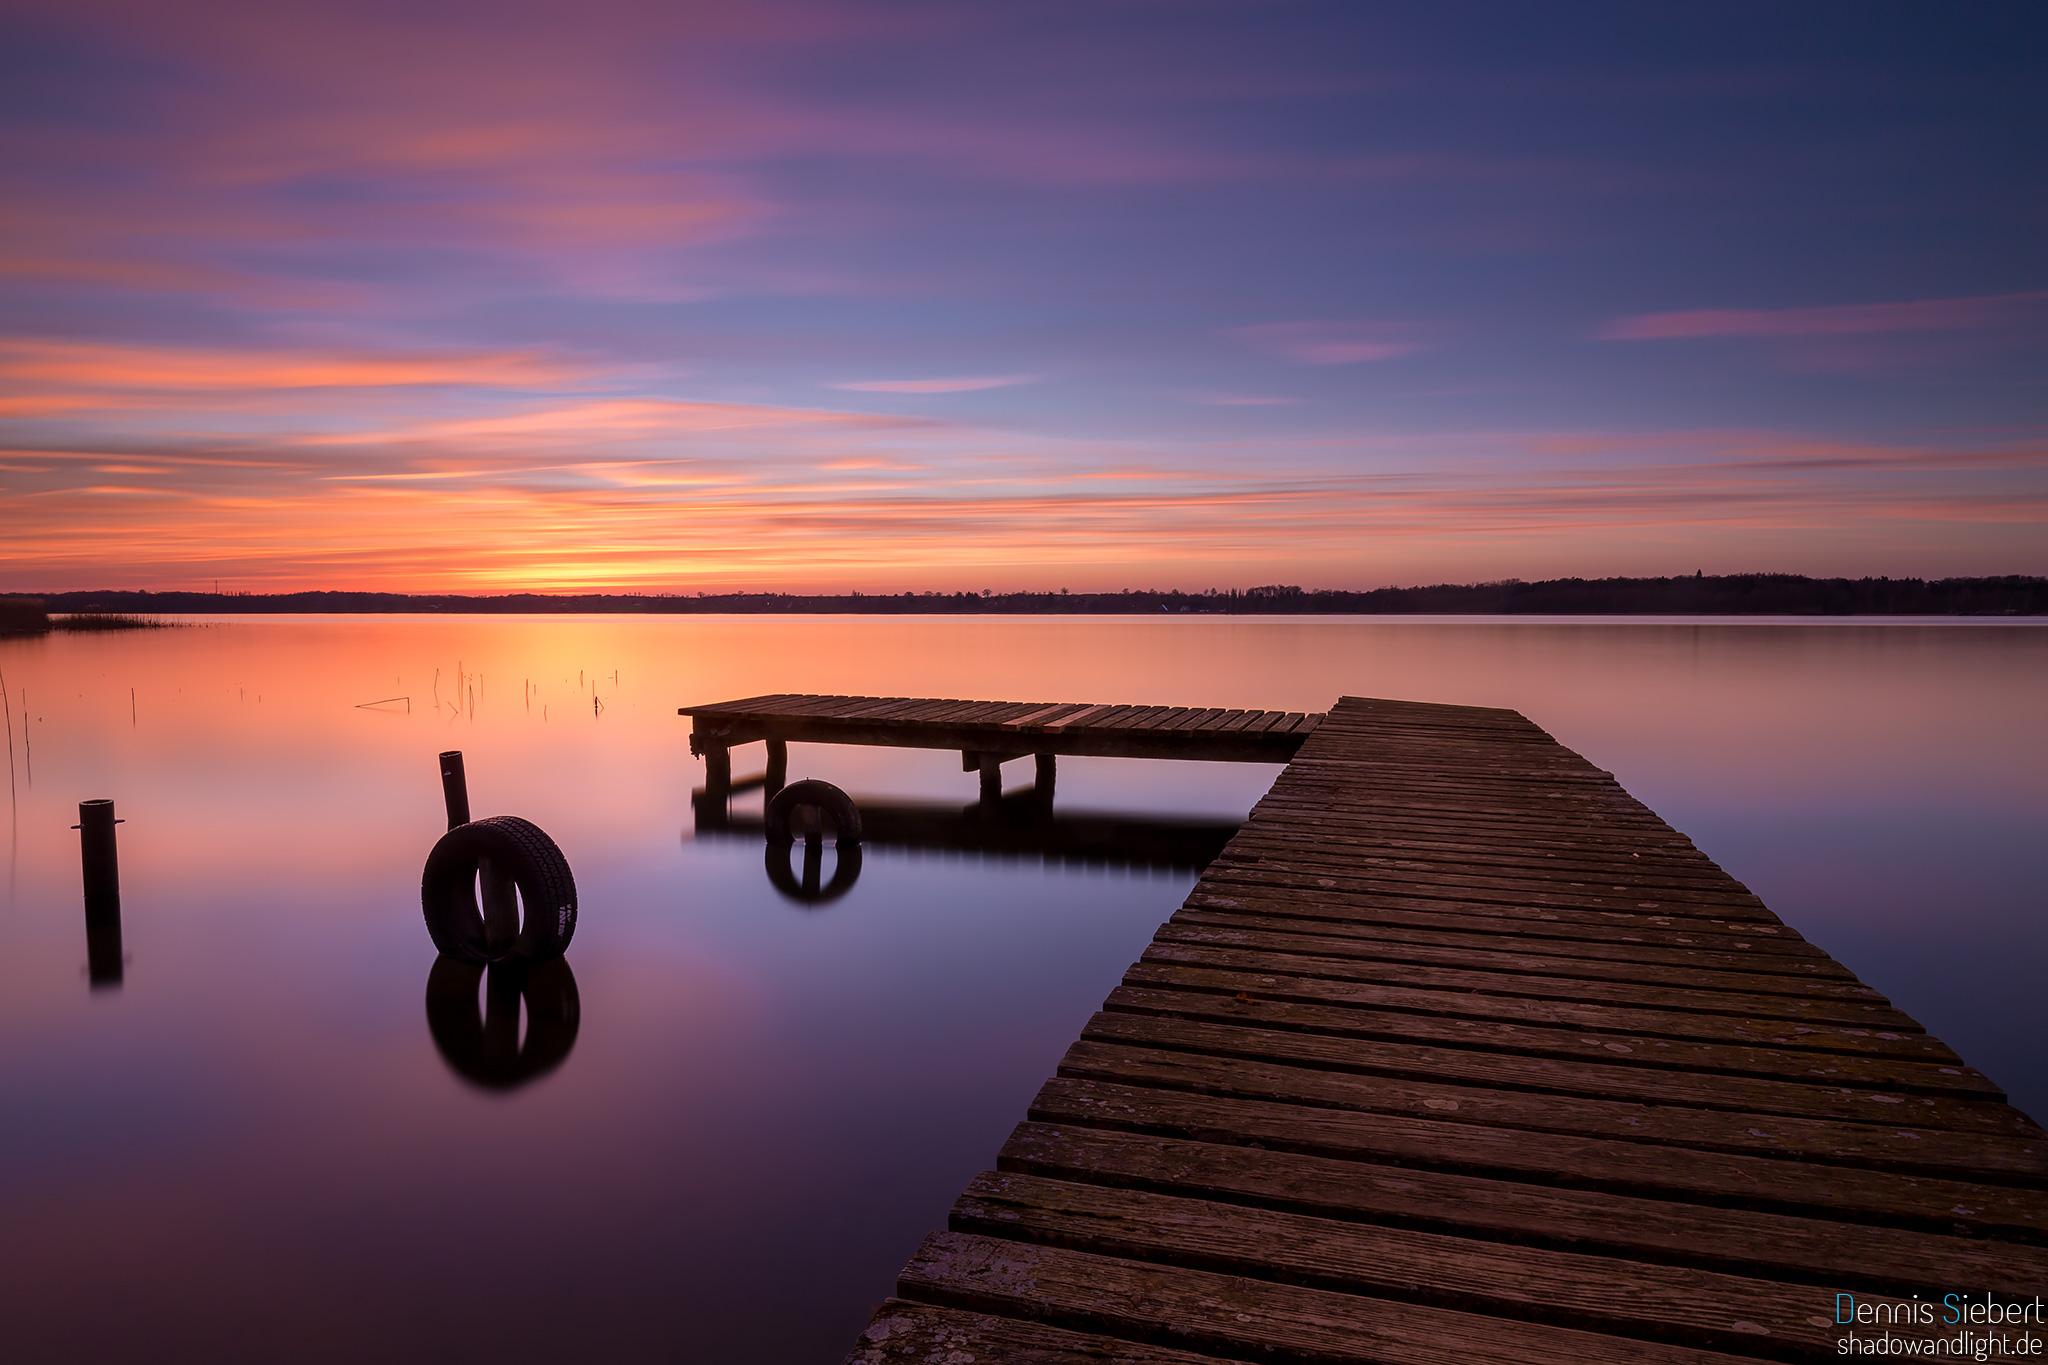 Sunset at Ratzeburger See, Germany